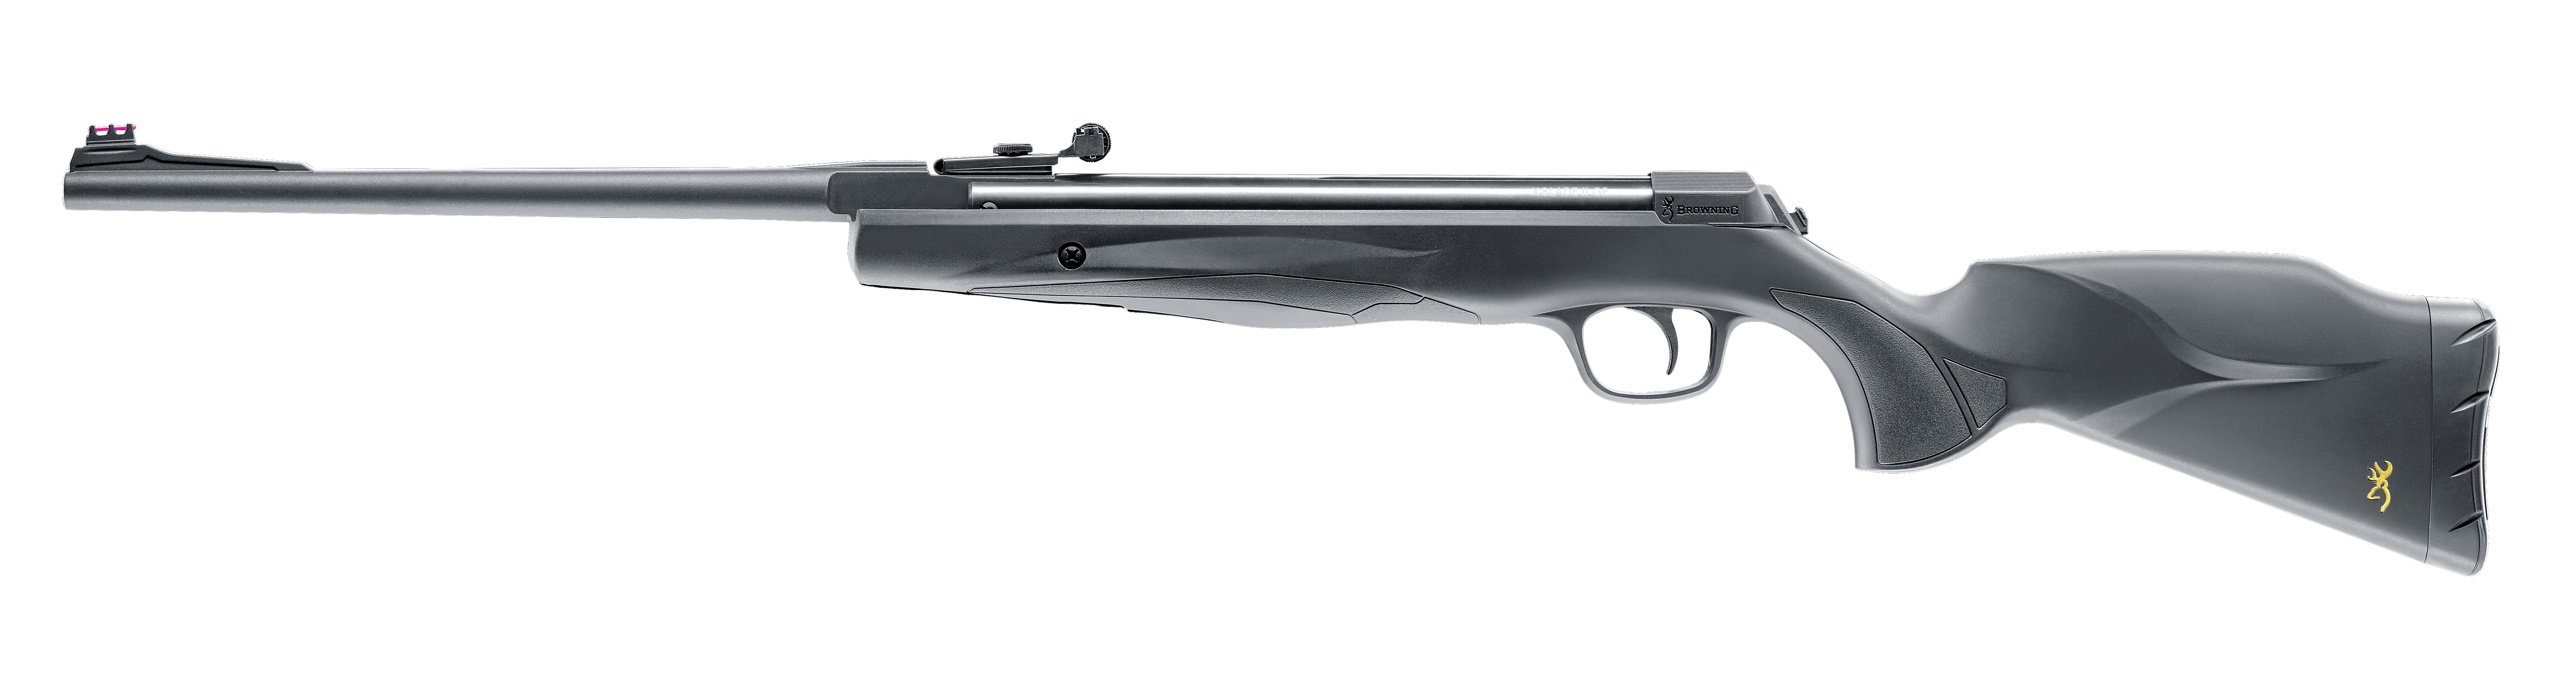 BROWNING (Umarex) Spring Operated Airgun X-Blade II